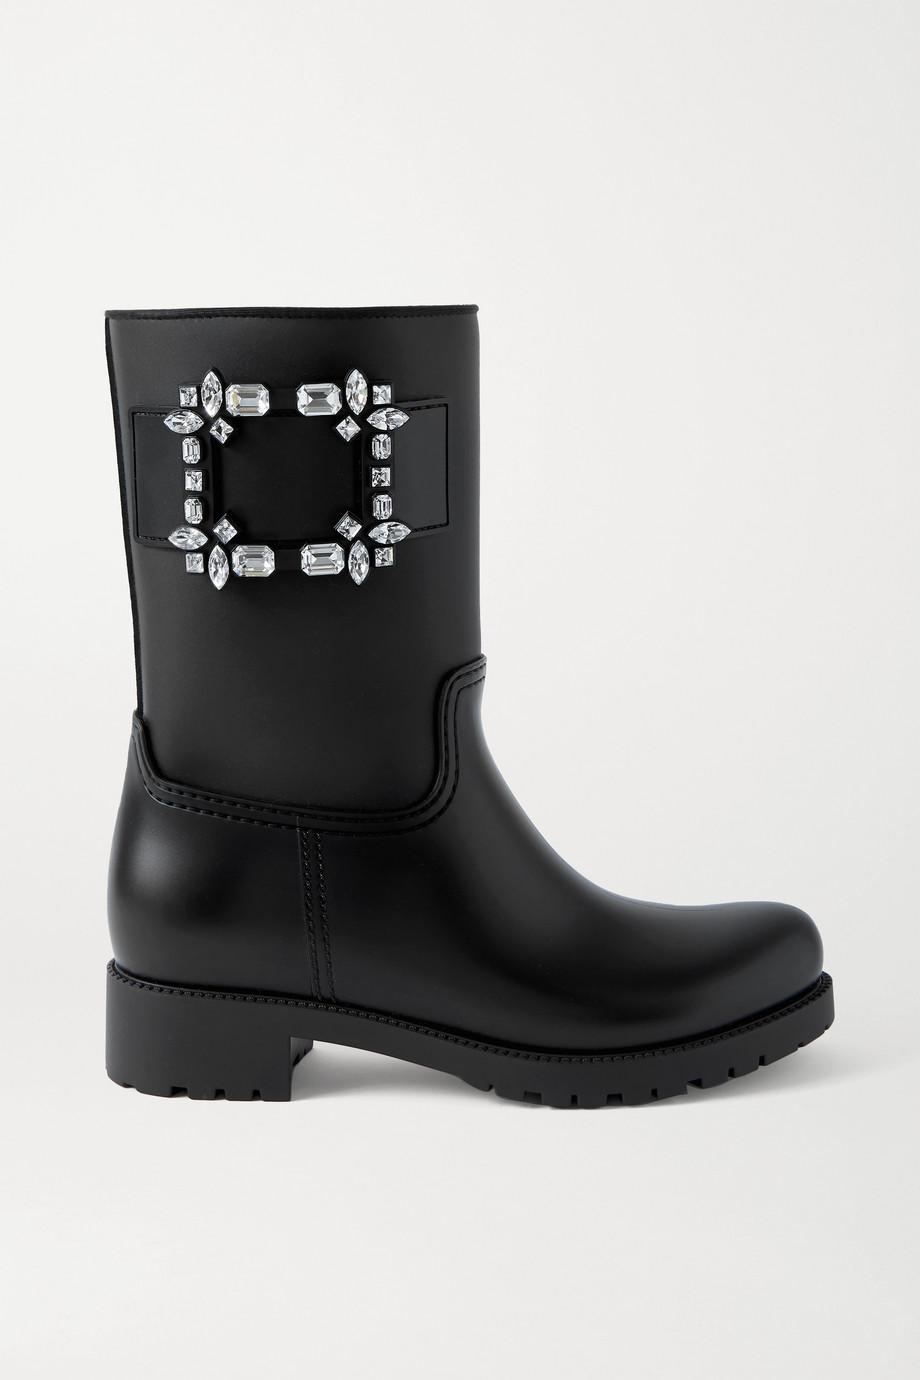 Roger Vivier Tempête Viv' crystal-embellished rubber rain boots